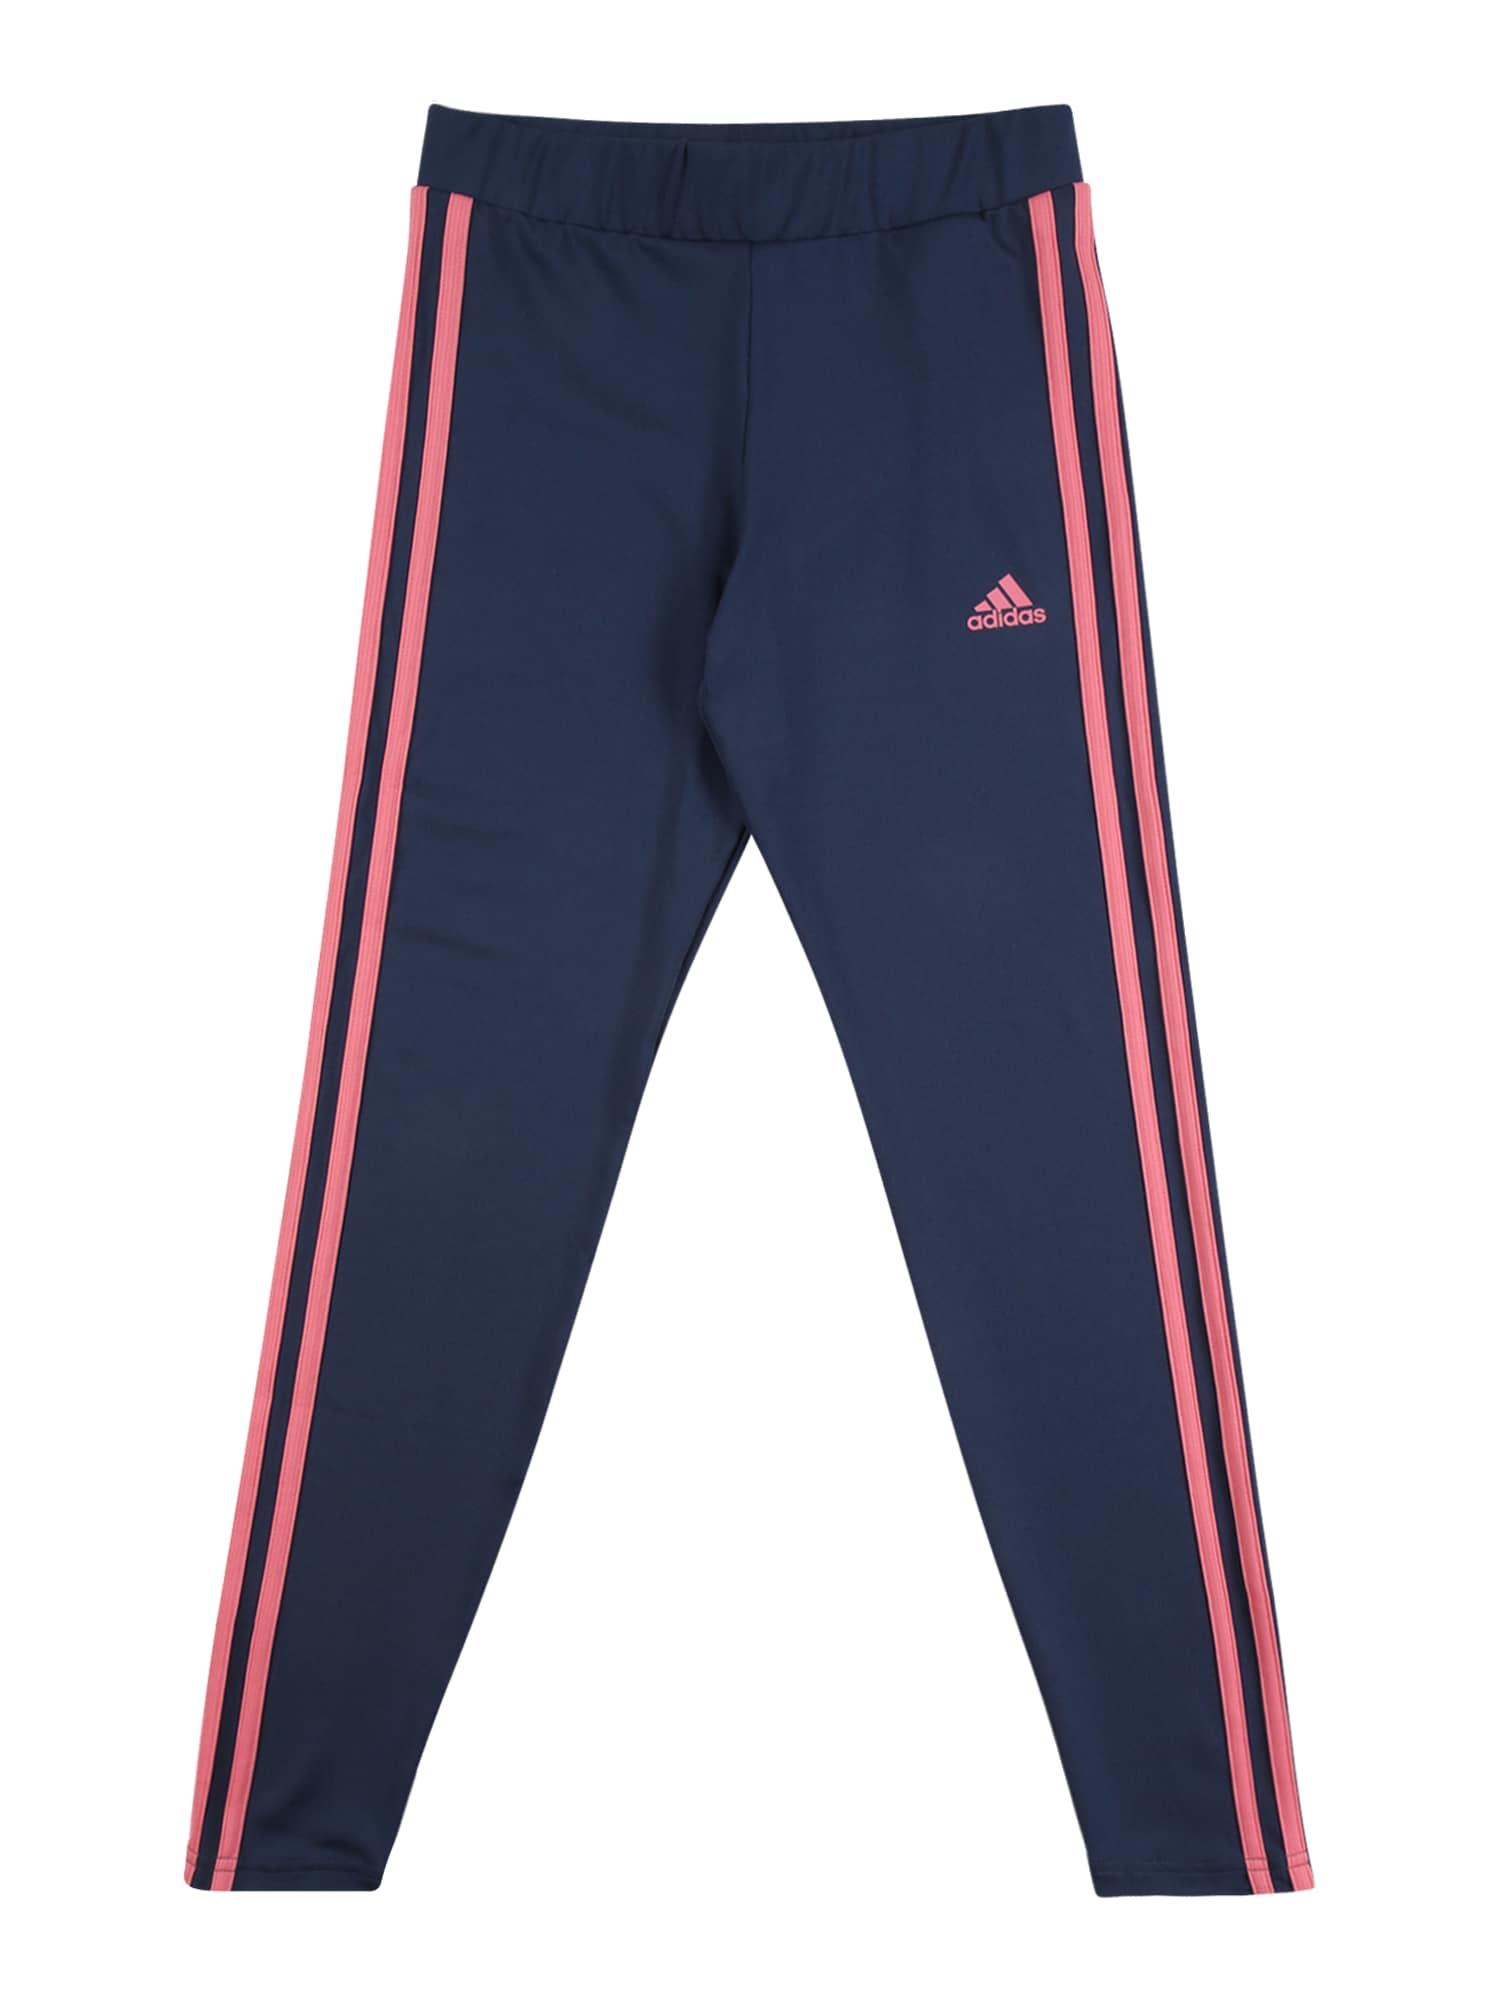 ADIDAS PERFORMANCE Sportinės kelnės tamsiai mėlyna / rožinė